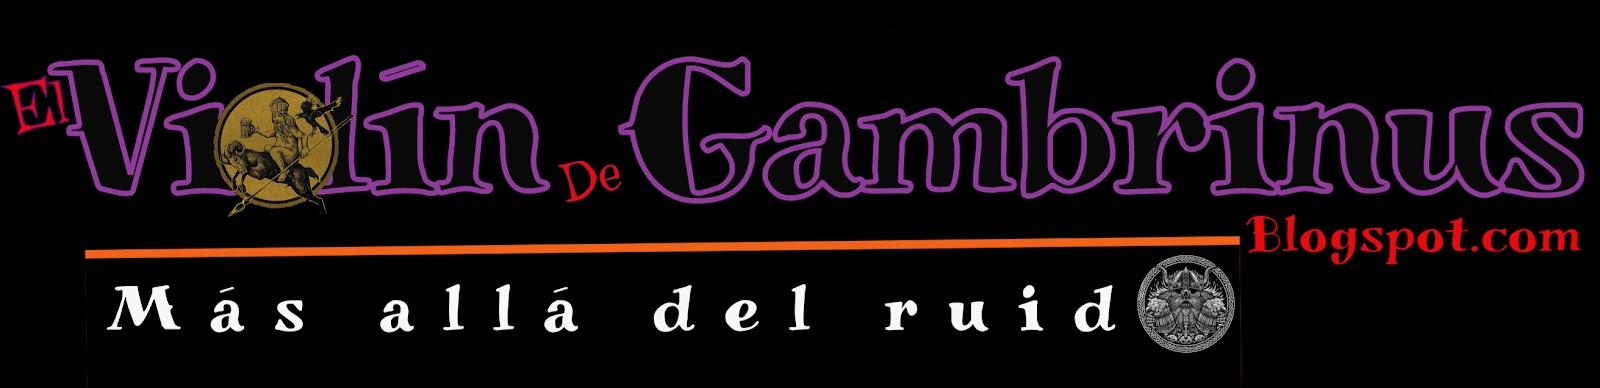 El violín de Gambrinus